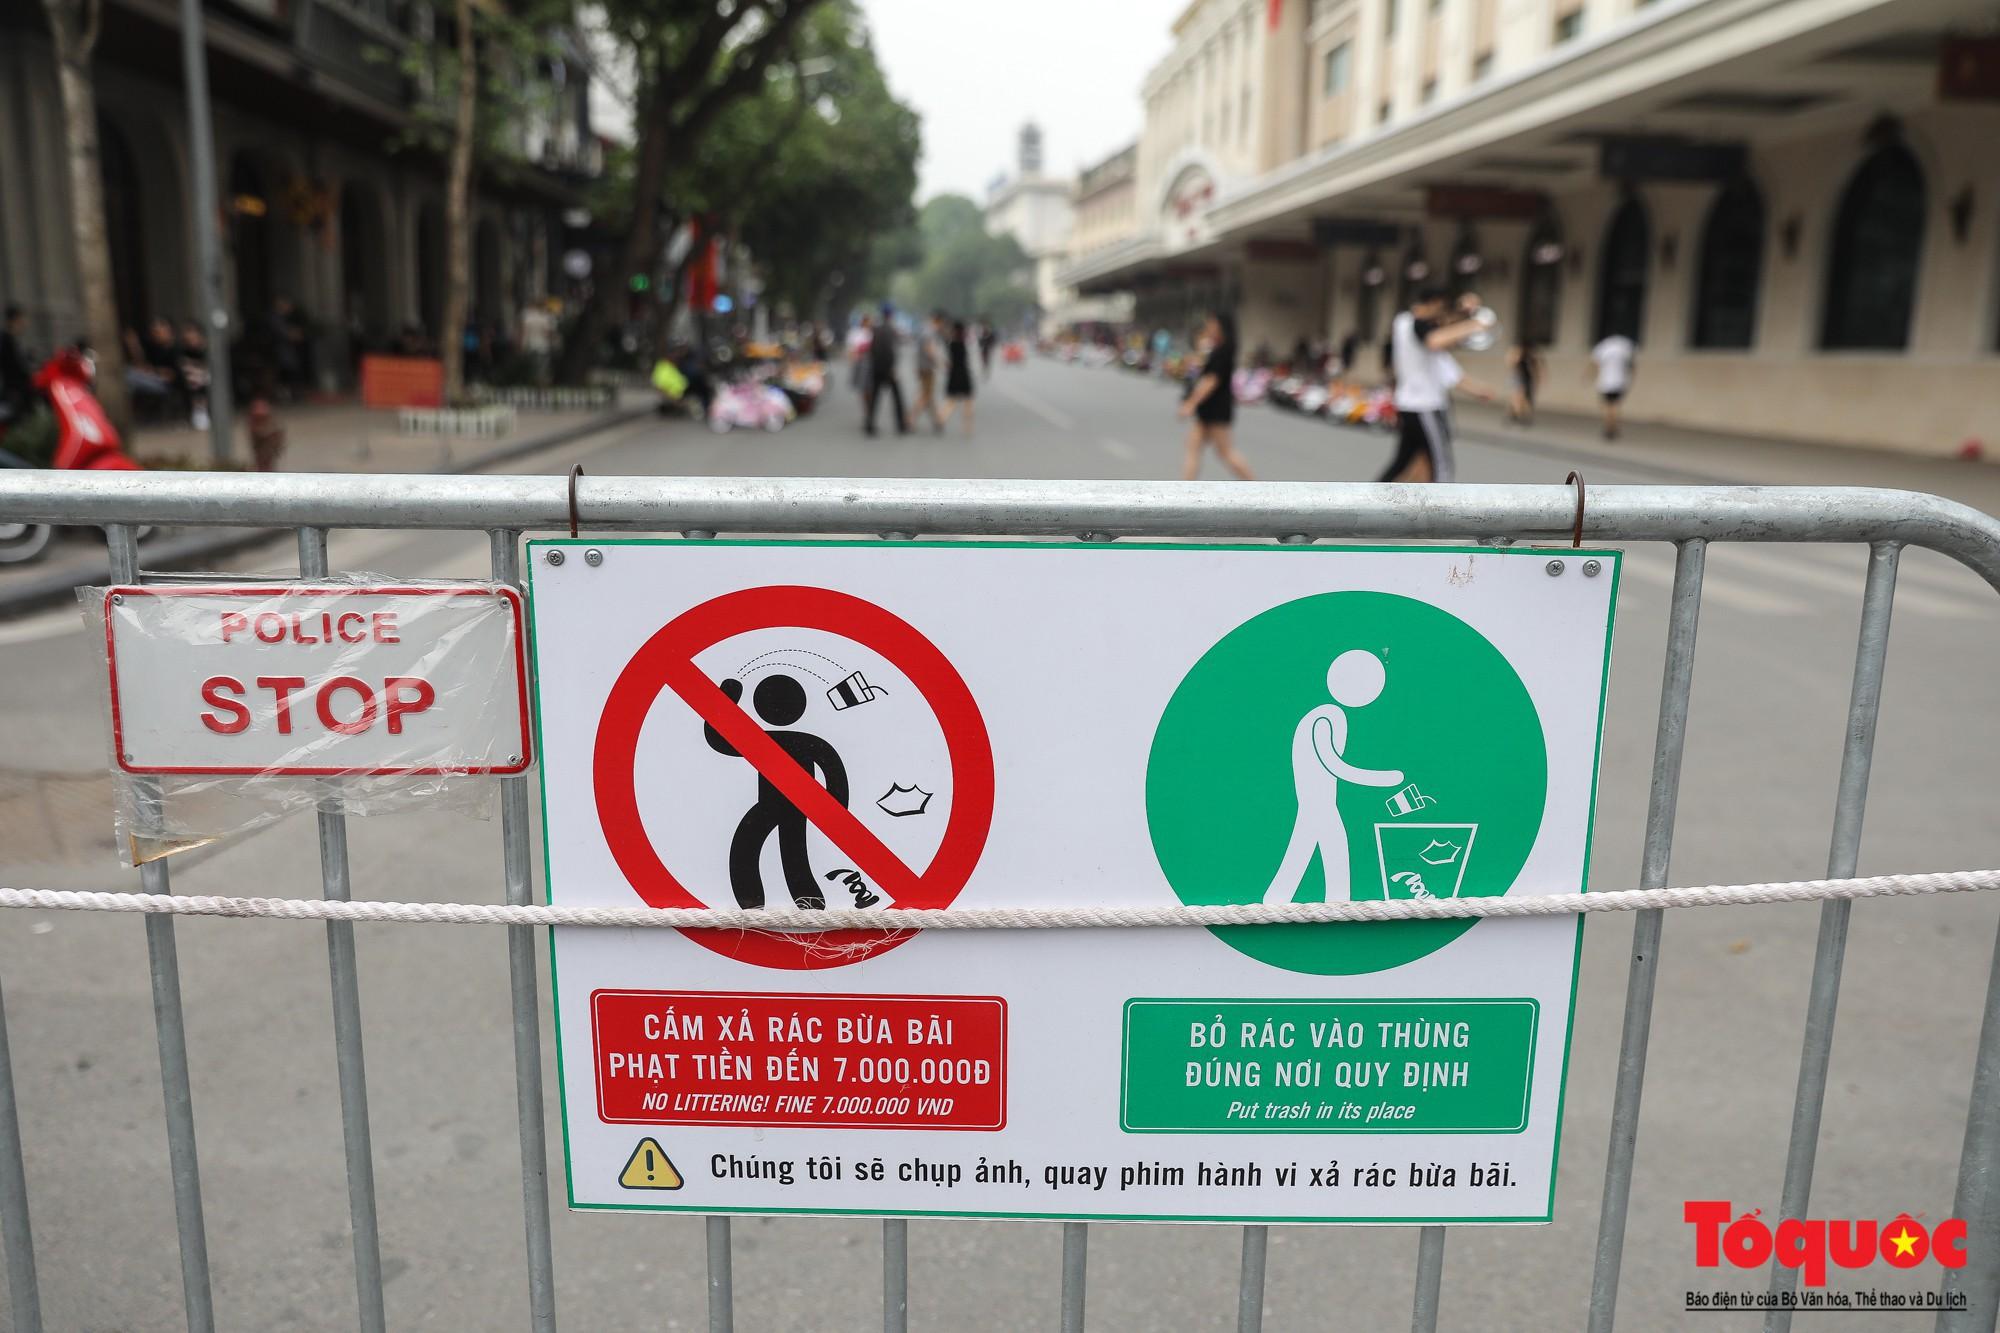 Đề xuất công khai hình ảnh người xả rác trên bảng điện tử ở phố đi bộ Hồ Gươm - Ảnh 1.